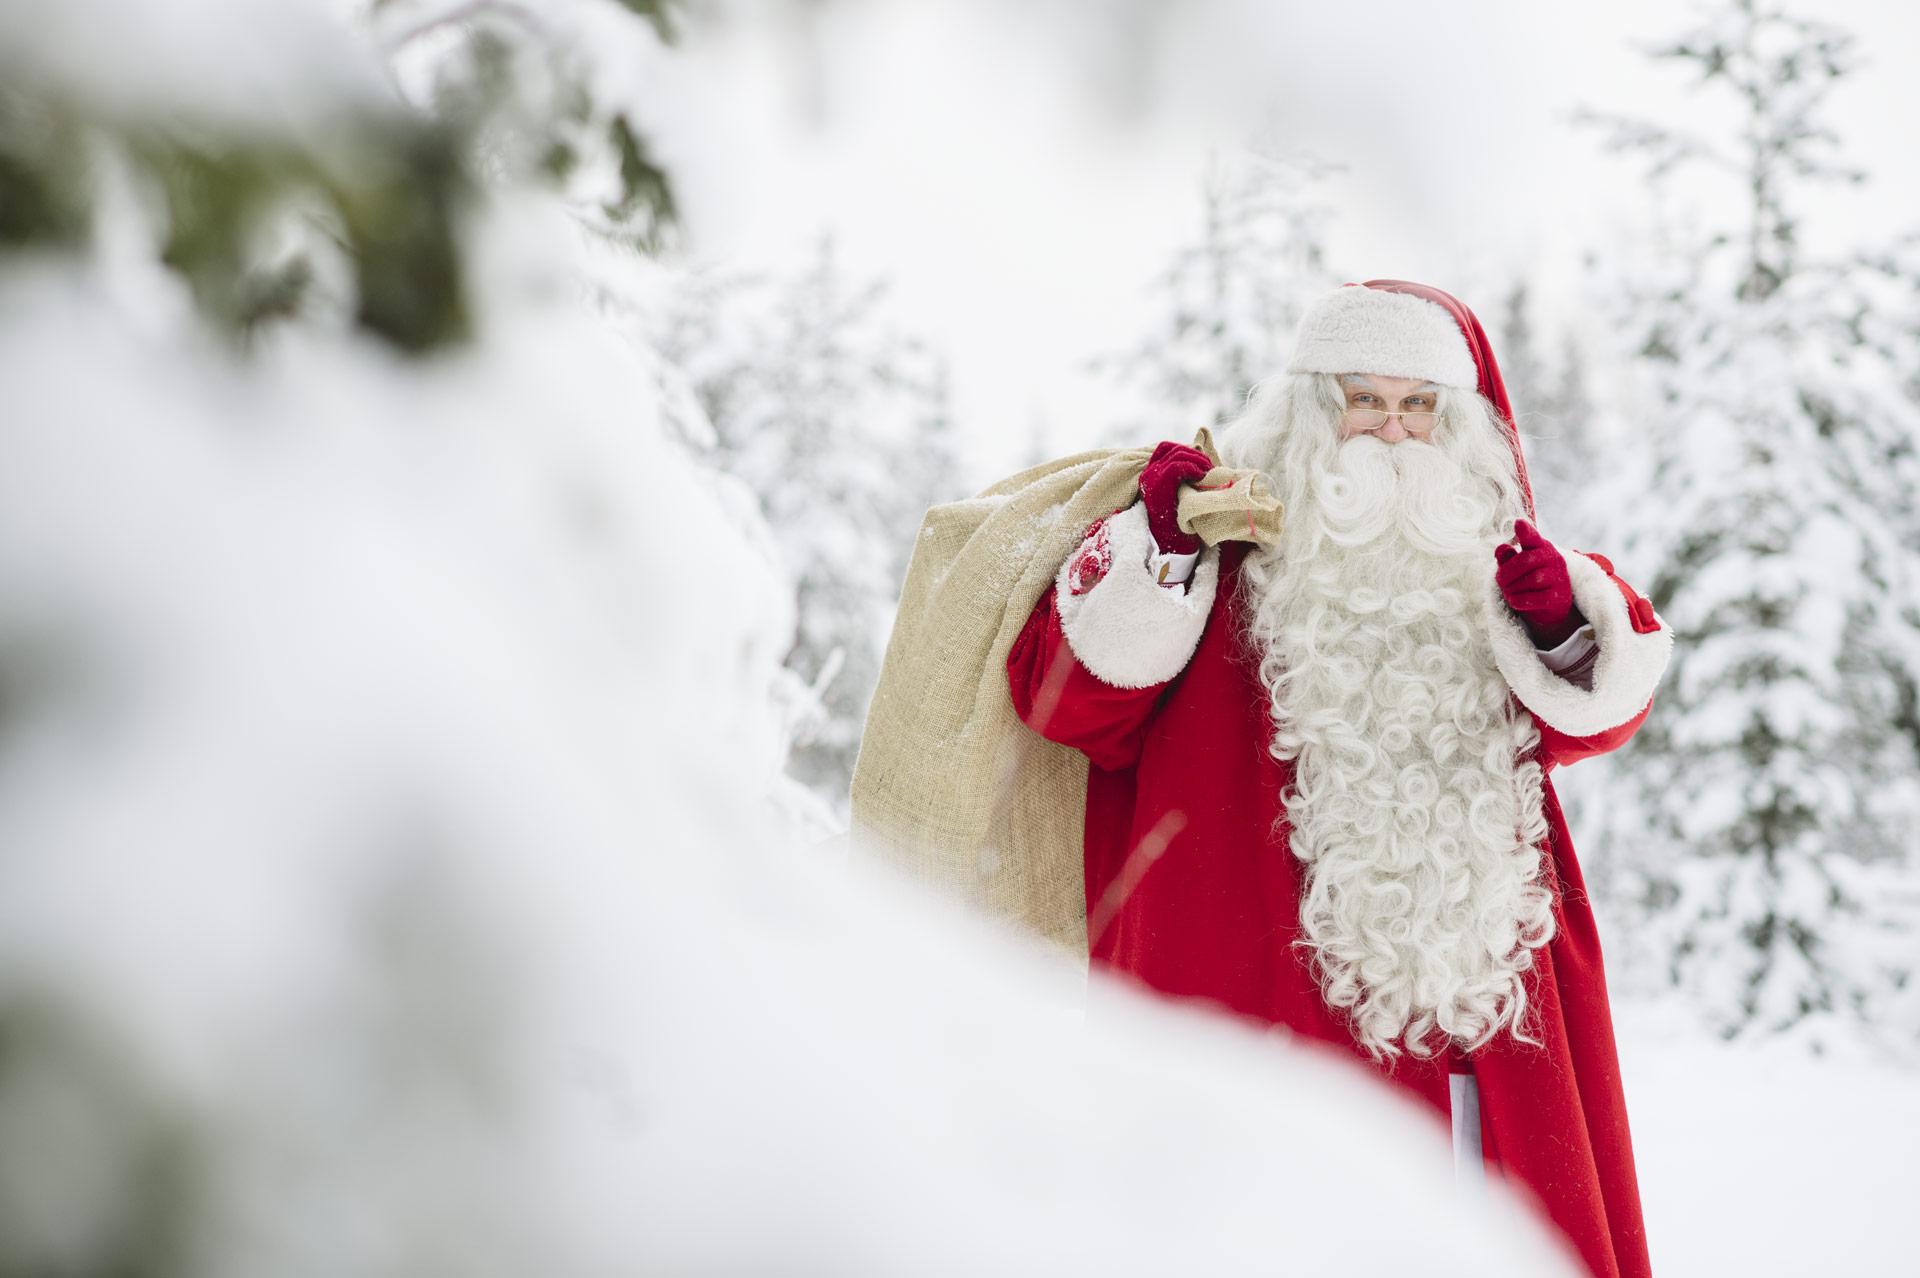 Lapland Home Of Santa Claus Visit Finnish Lapland